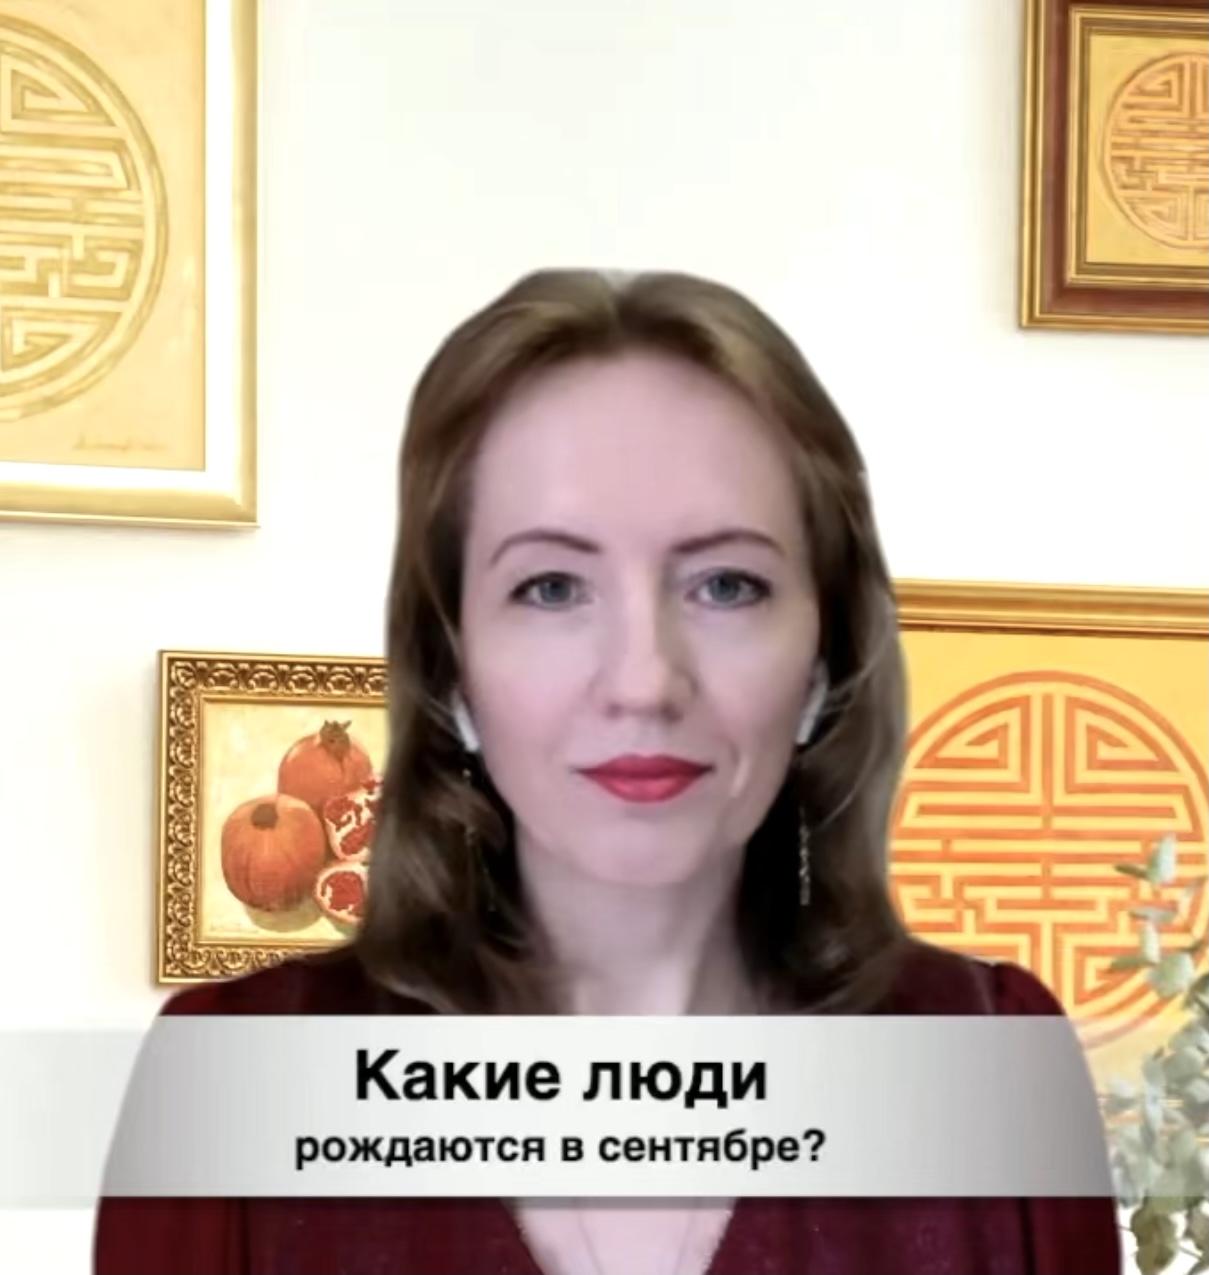 Астрология с Миланой Минаевой • Milana.Ru